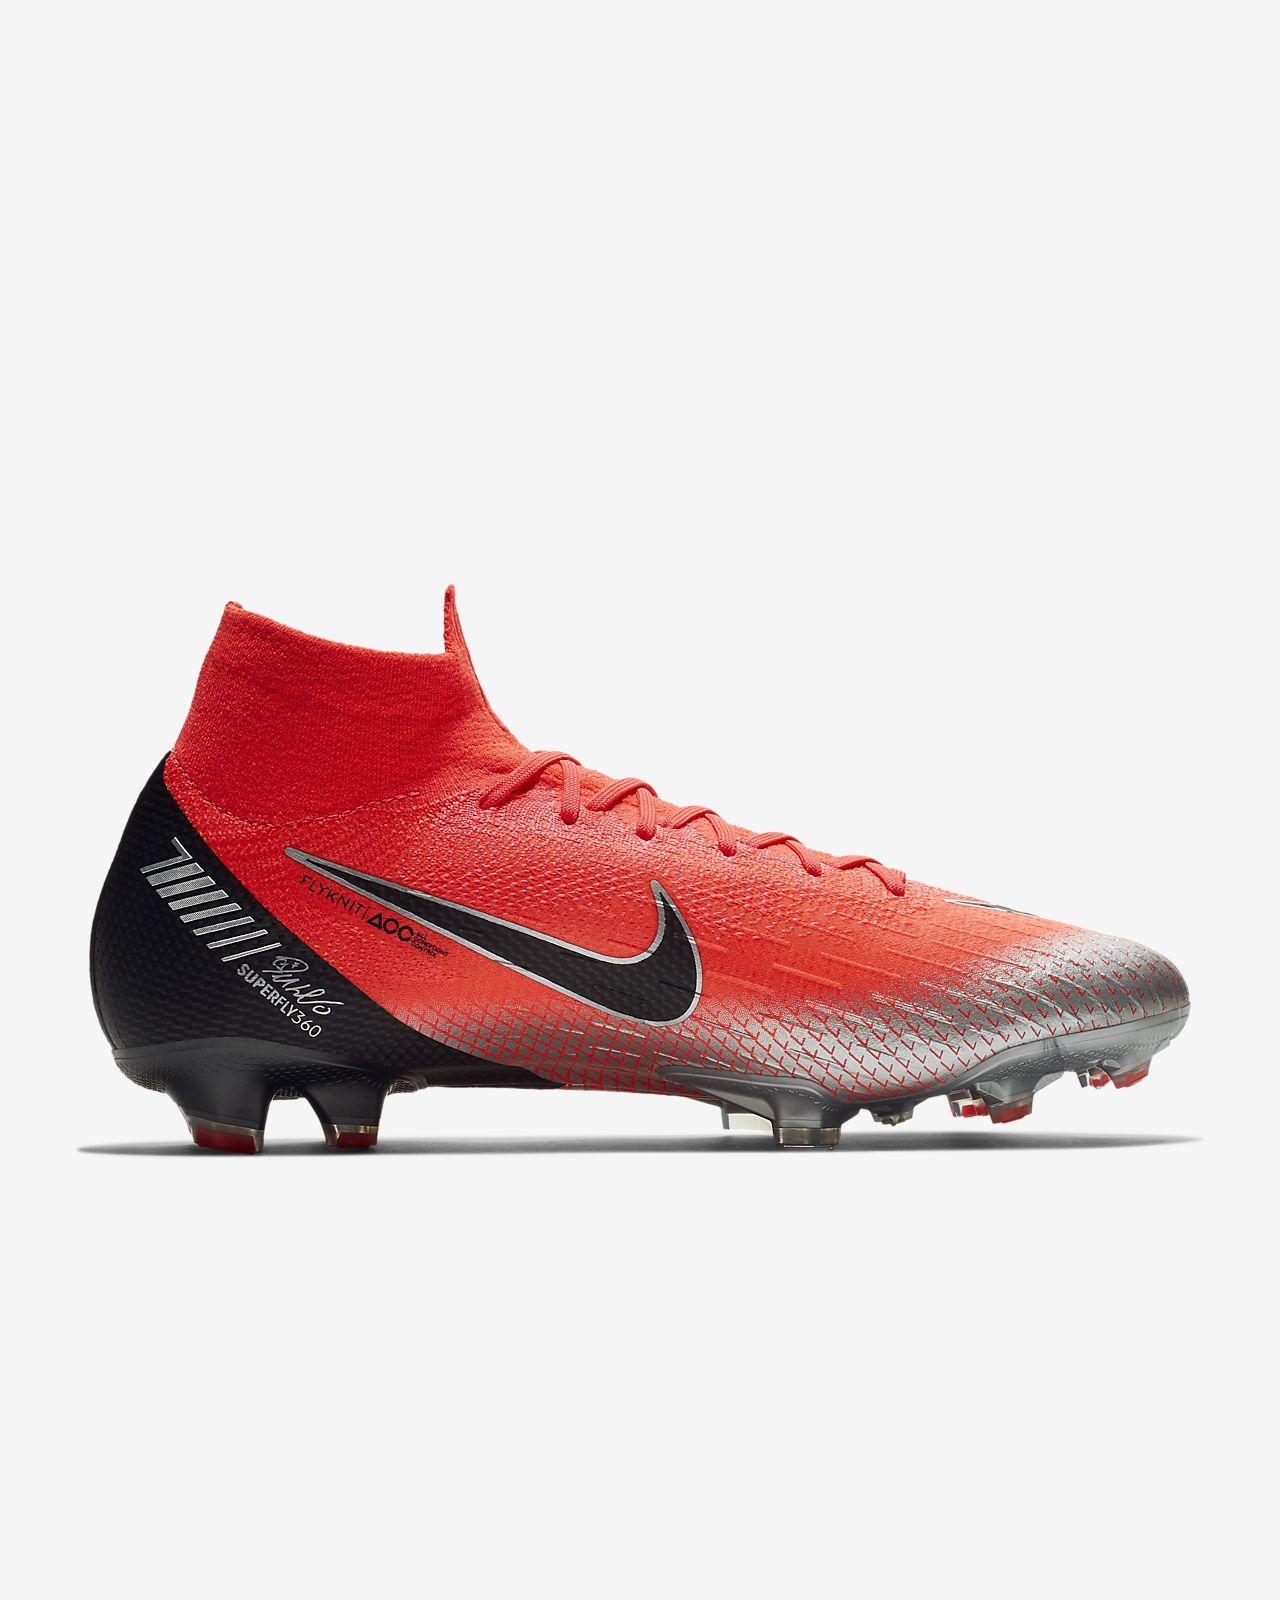 ... Calzado de fútbol para terreno firme para hombre Nike Mercurial  Superfly 360 Elite SE FG ade067a8d3eaa